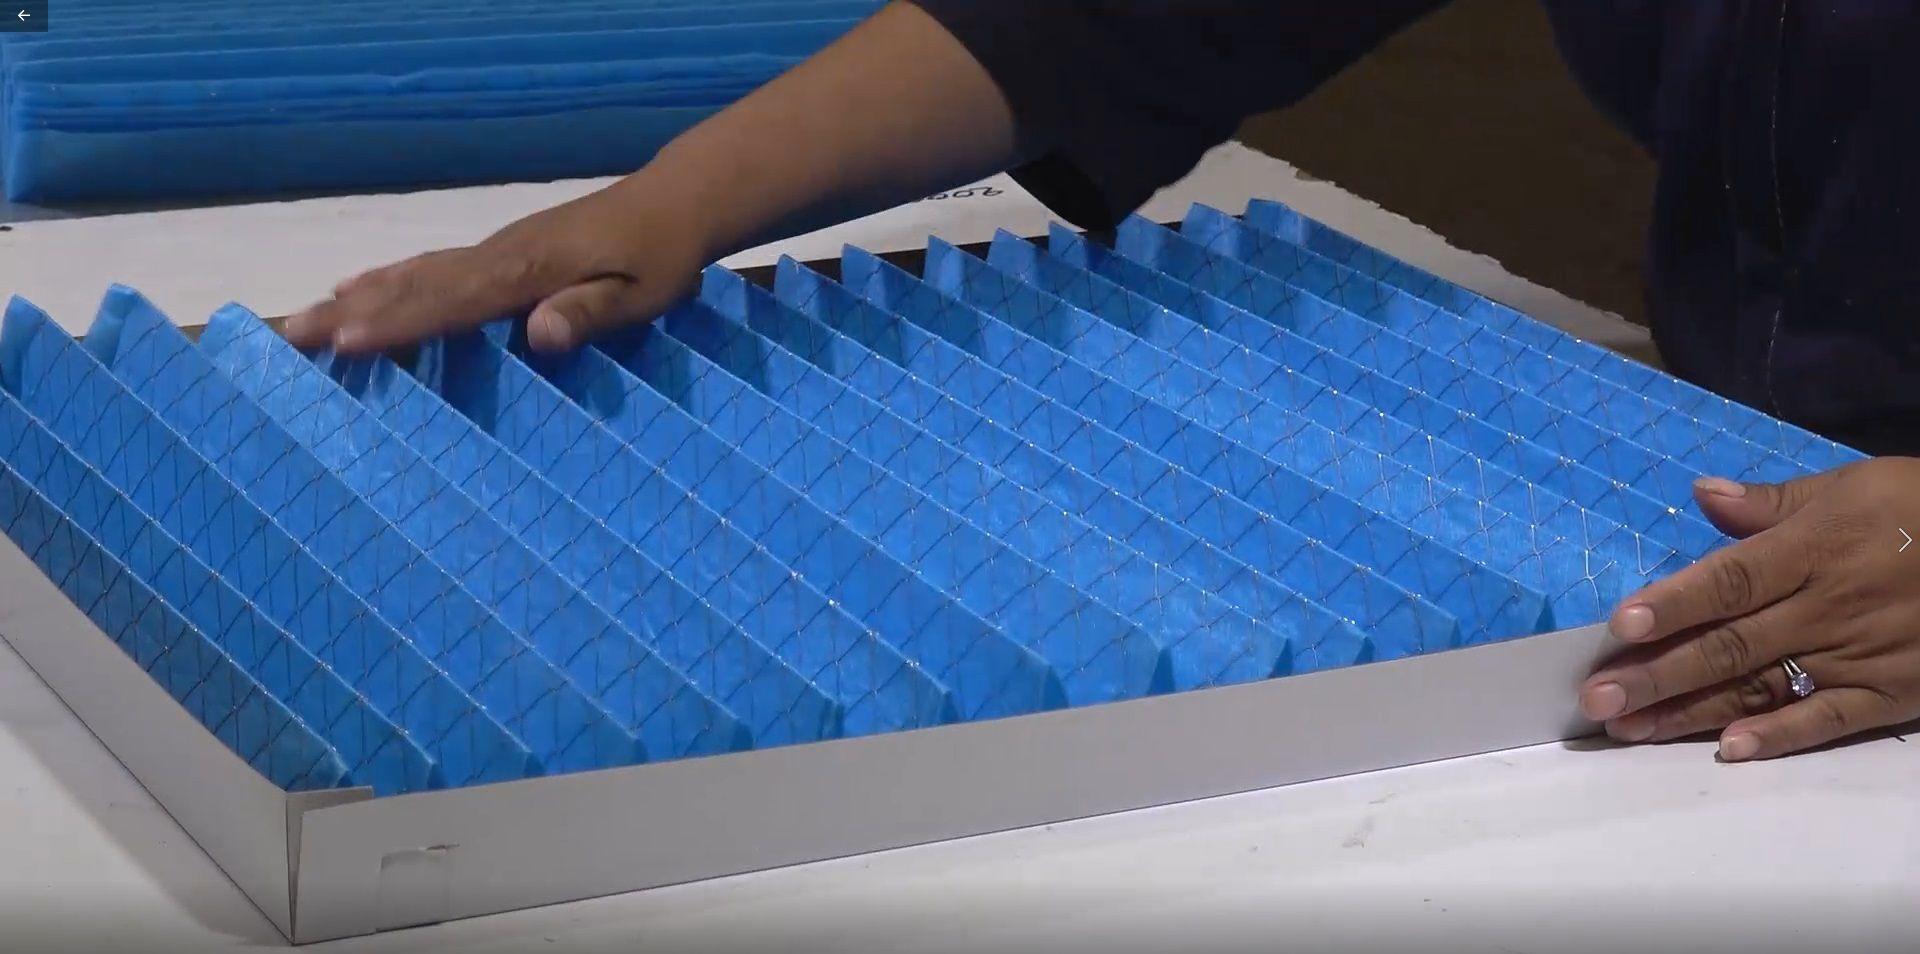 Macrofilter® Conoce el catálogo de filtros industriales Macrofilter®, proyectos de HVAC y servicios a sistemas de filtración by Filtros y Mallas de Puebla